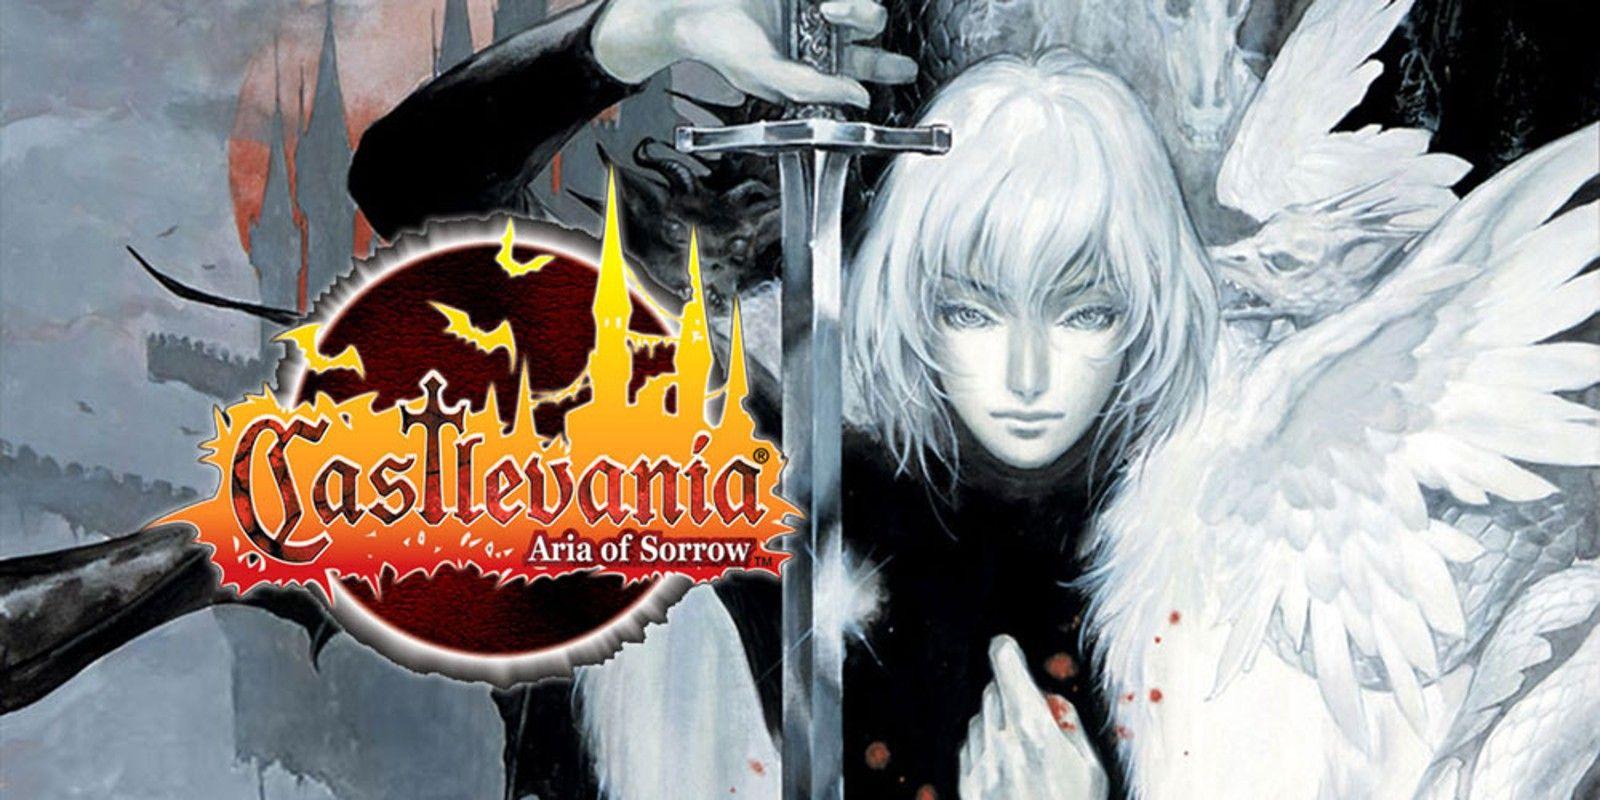 Todos os jogos portáteis do Castlevania classificados de acordo com os críticos 7